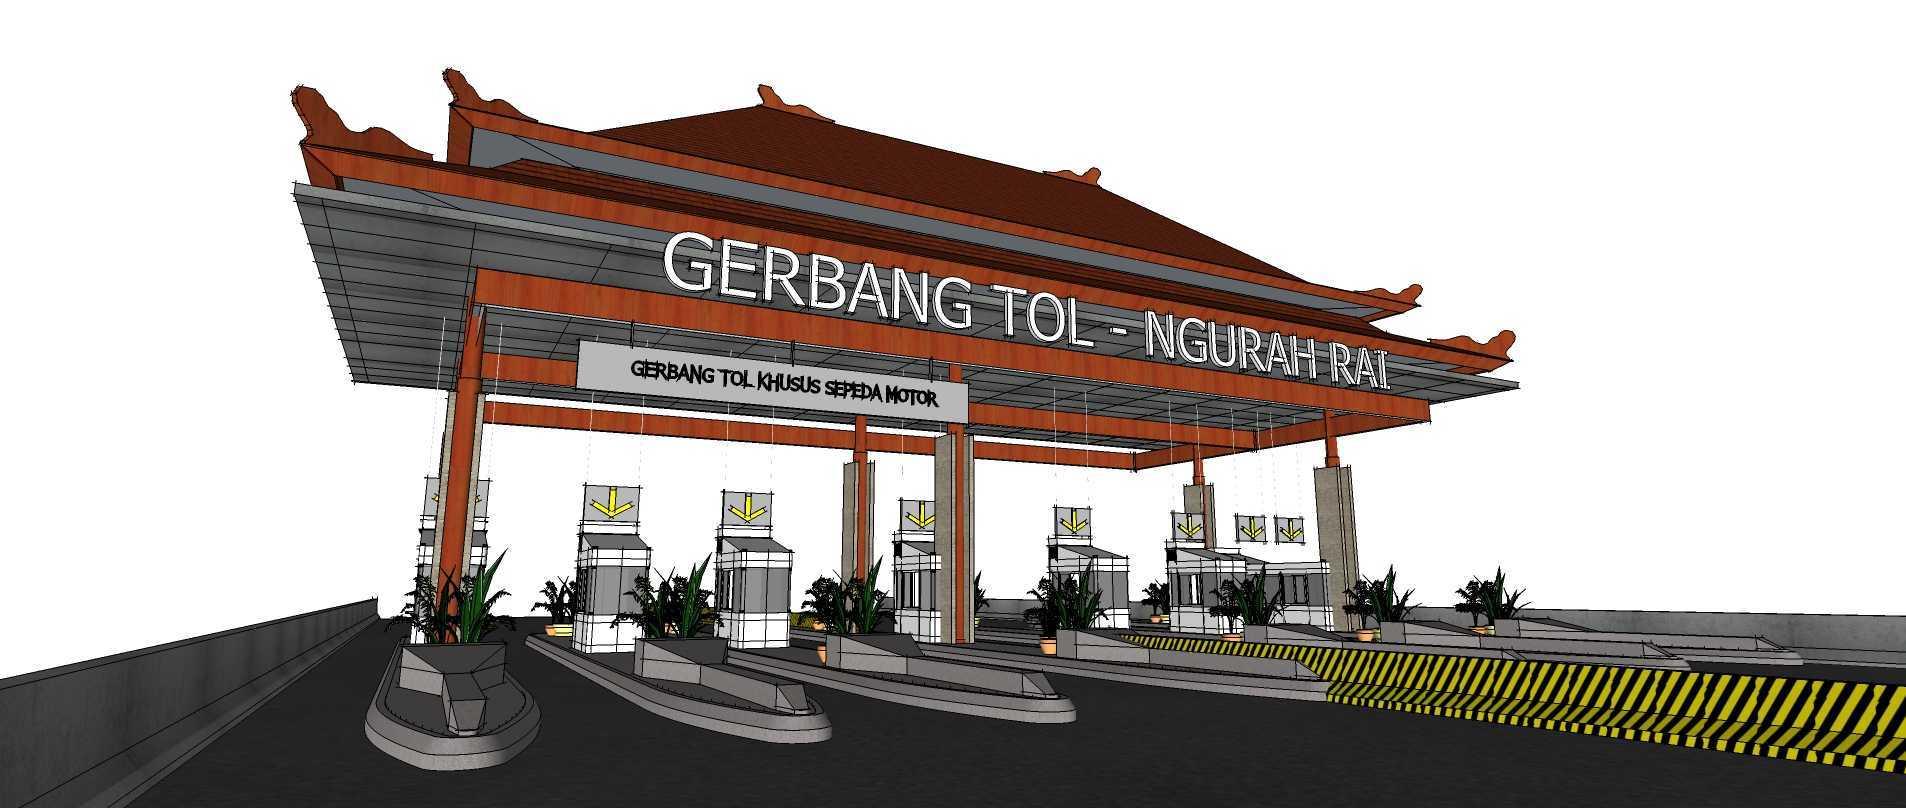 Gubah Ruang Ngurah Rai – Benoa Toll Gate Bali, Indonesia Bali, Indonesia Toll Gate View Traditional  50662